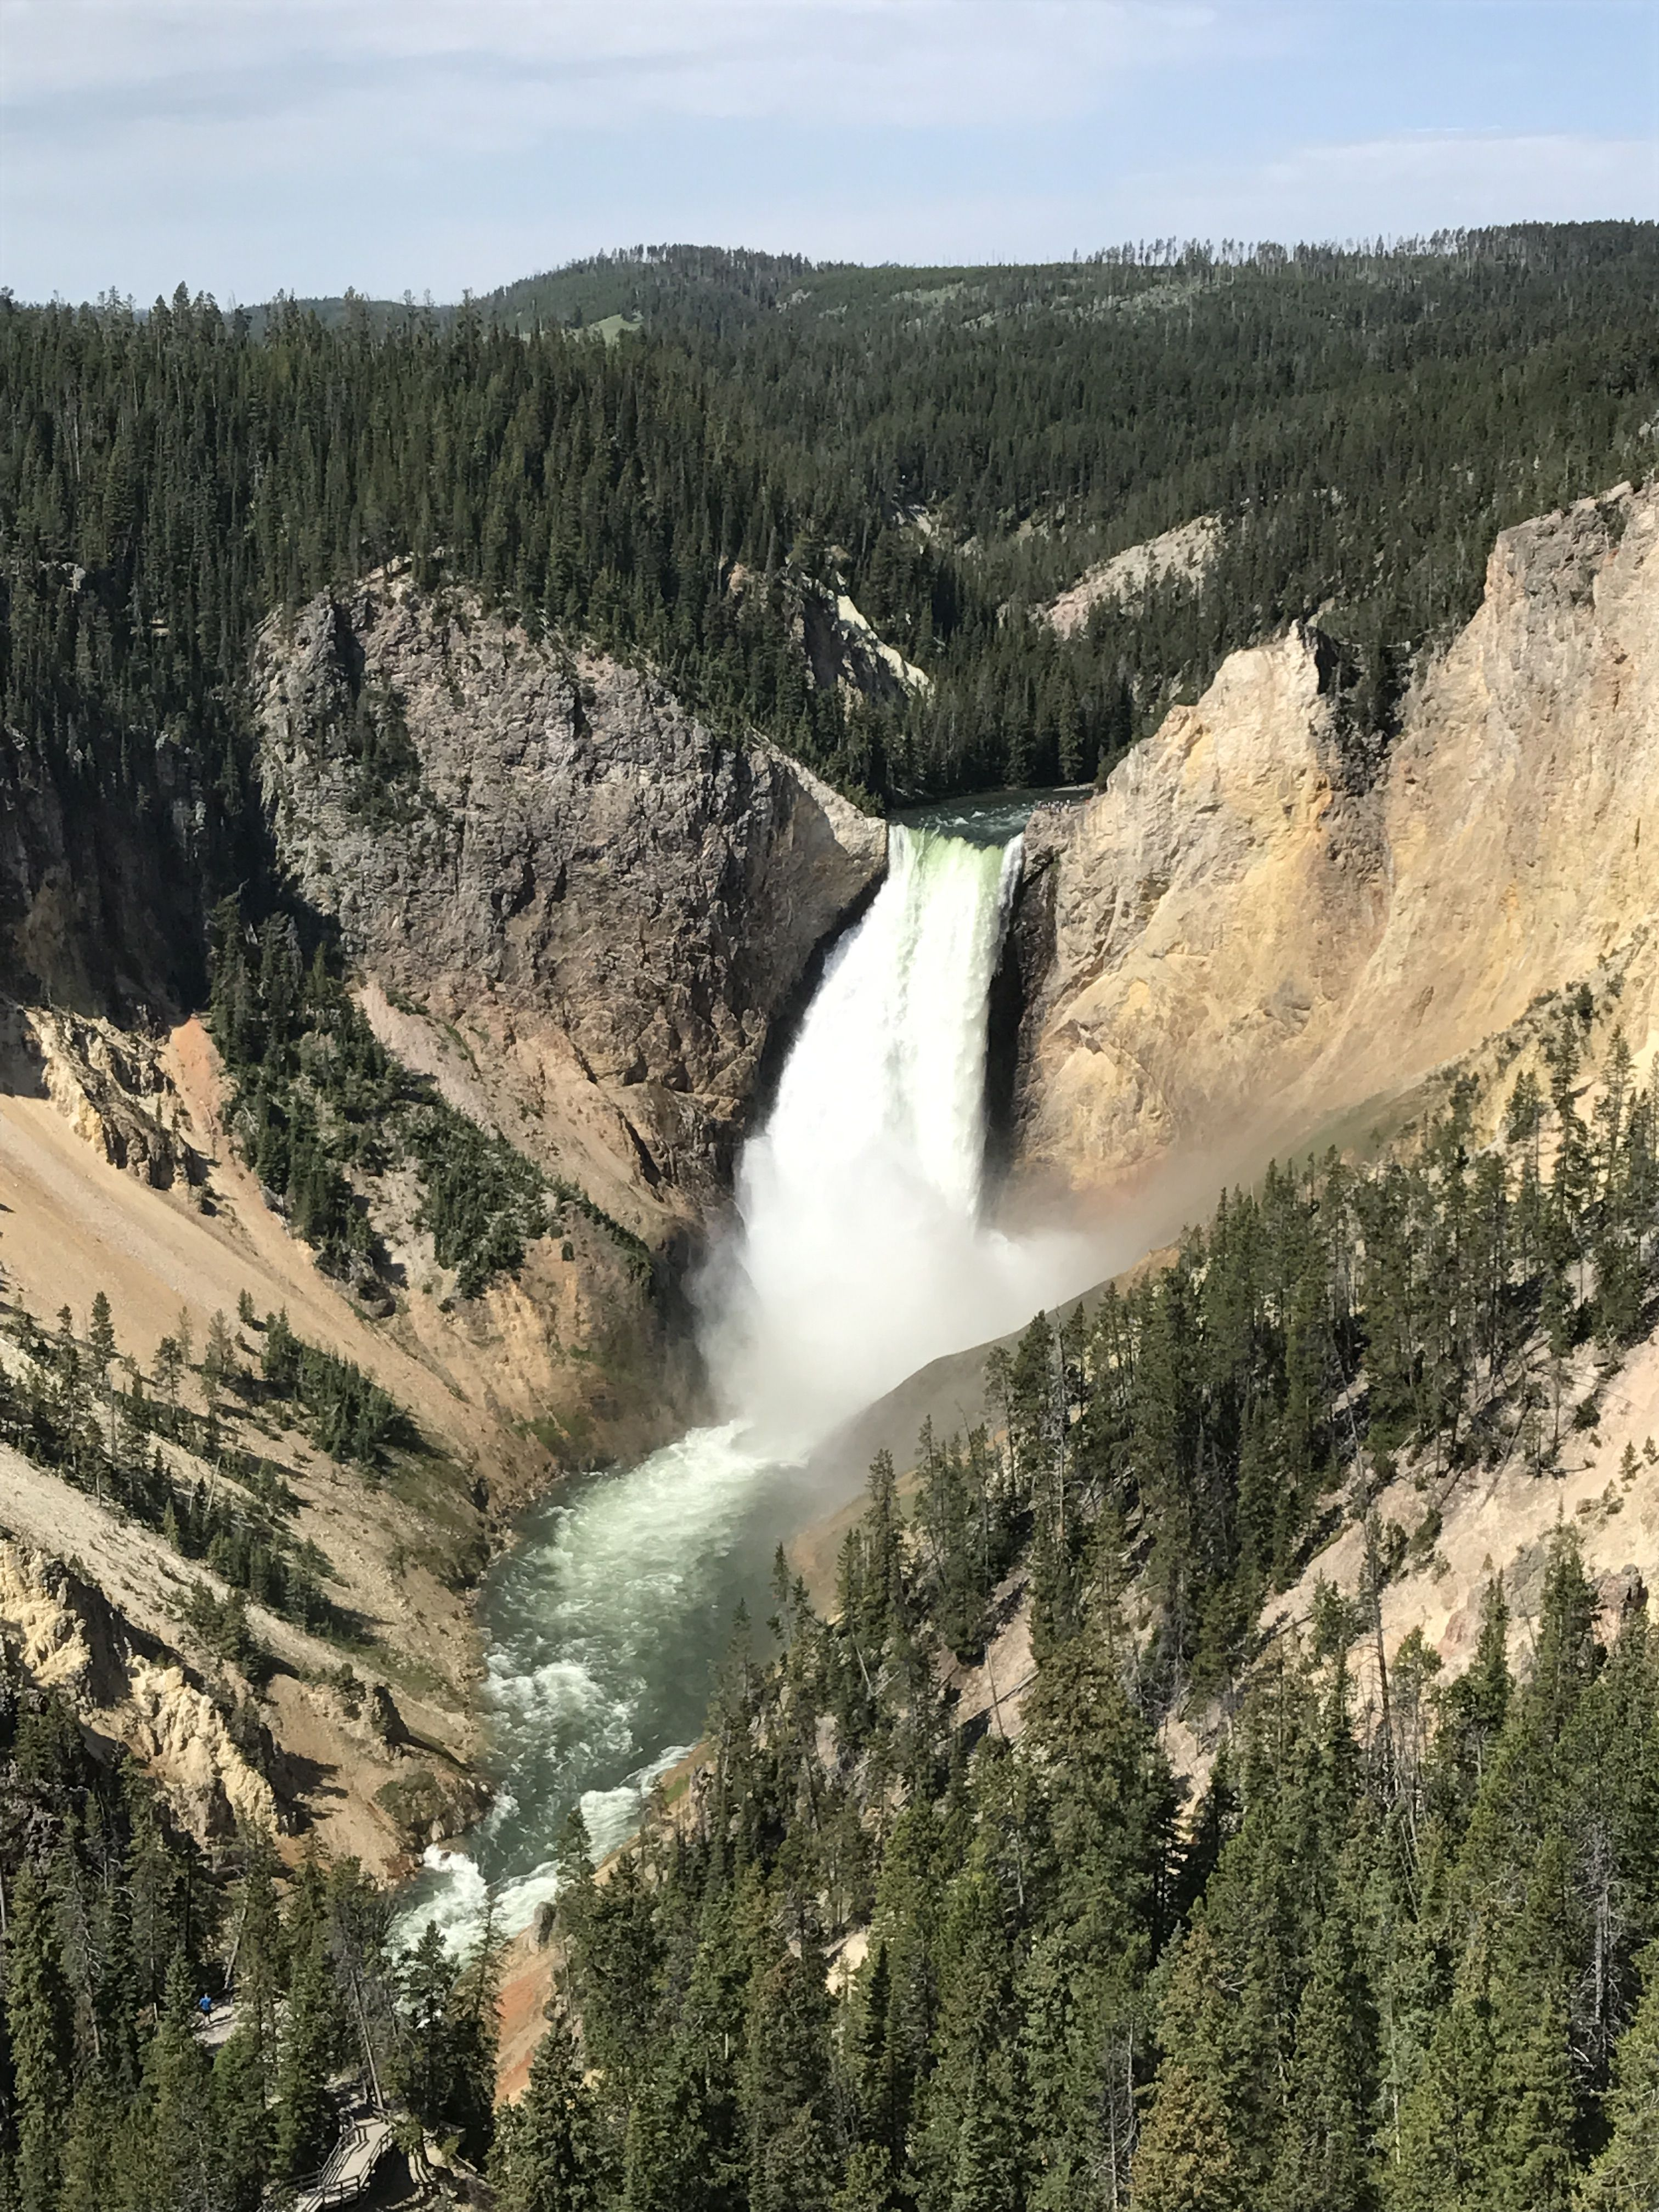 Lower Falls, Yellowstone National Park Yellowstone trip